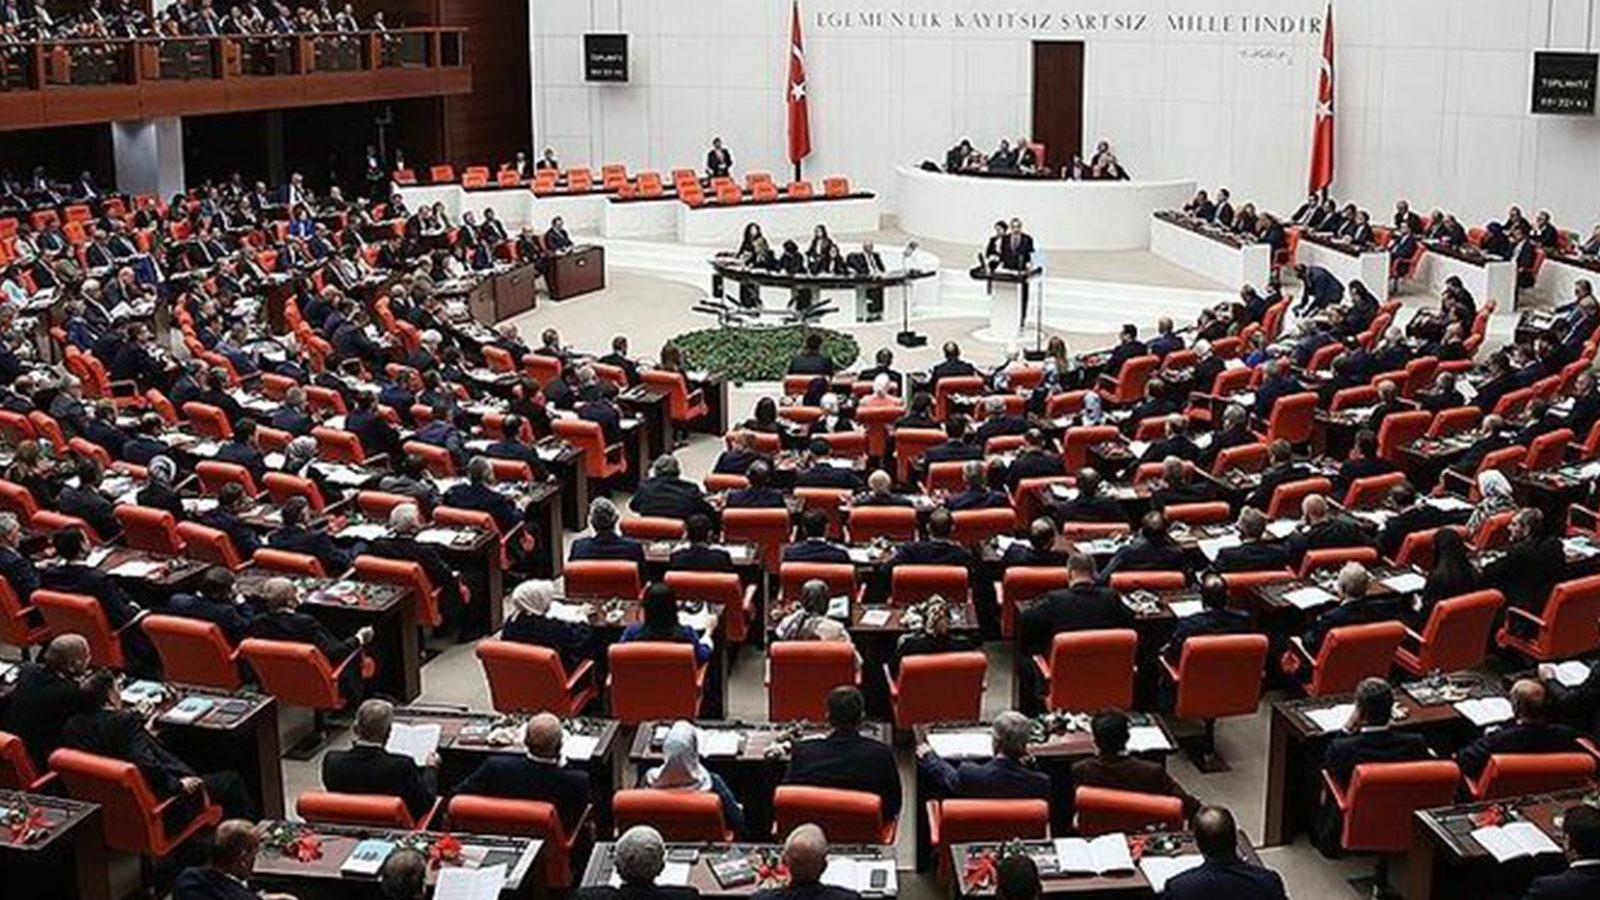 Meclis'e dokunulmazlıkların kaldırılması talebiyle 45 yeni fezleke gönderildi